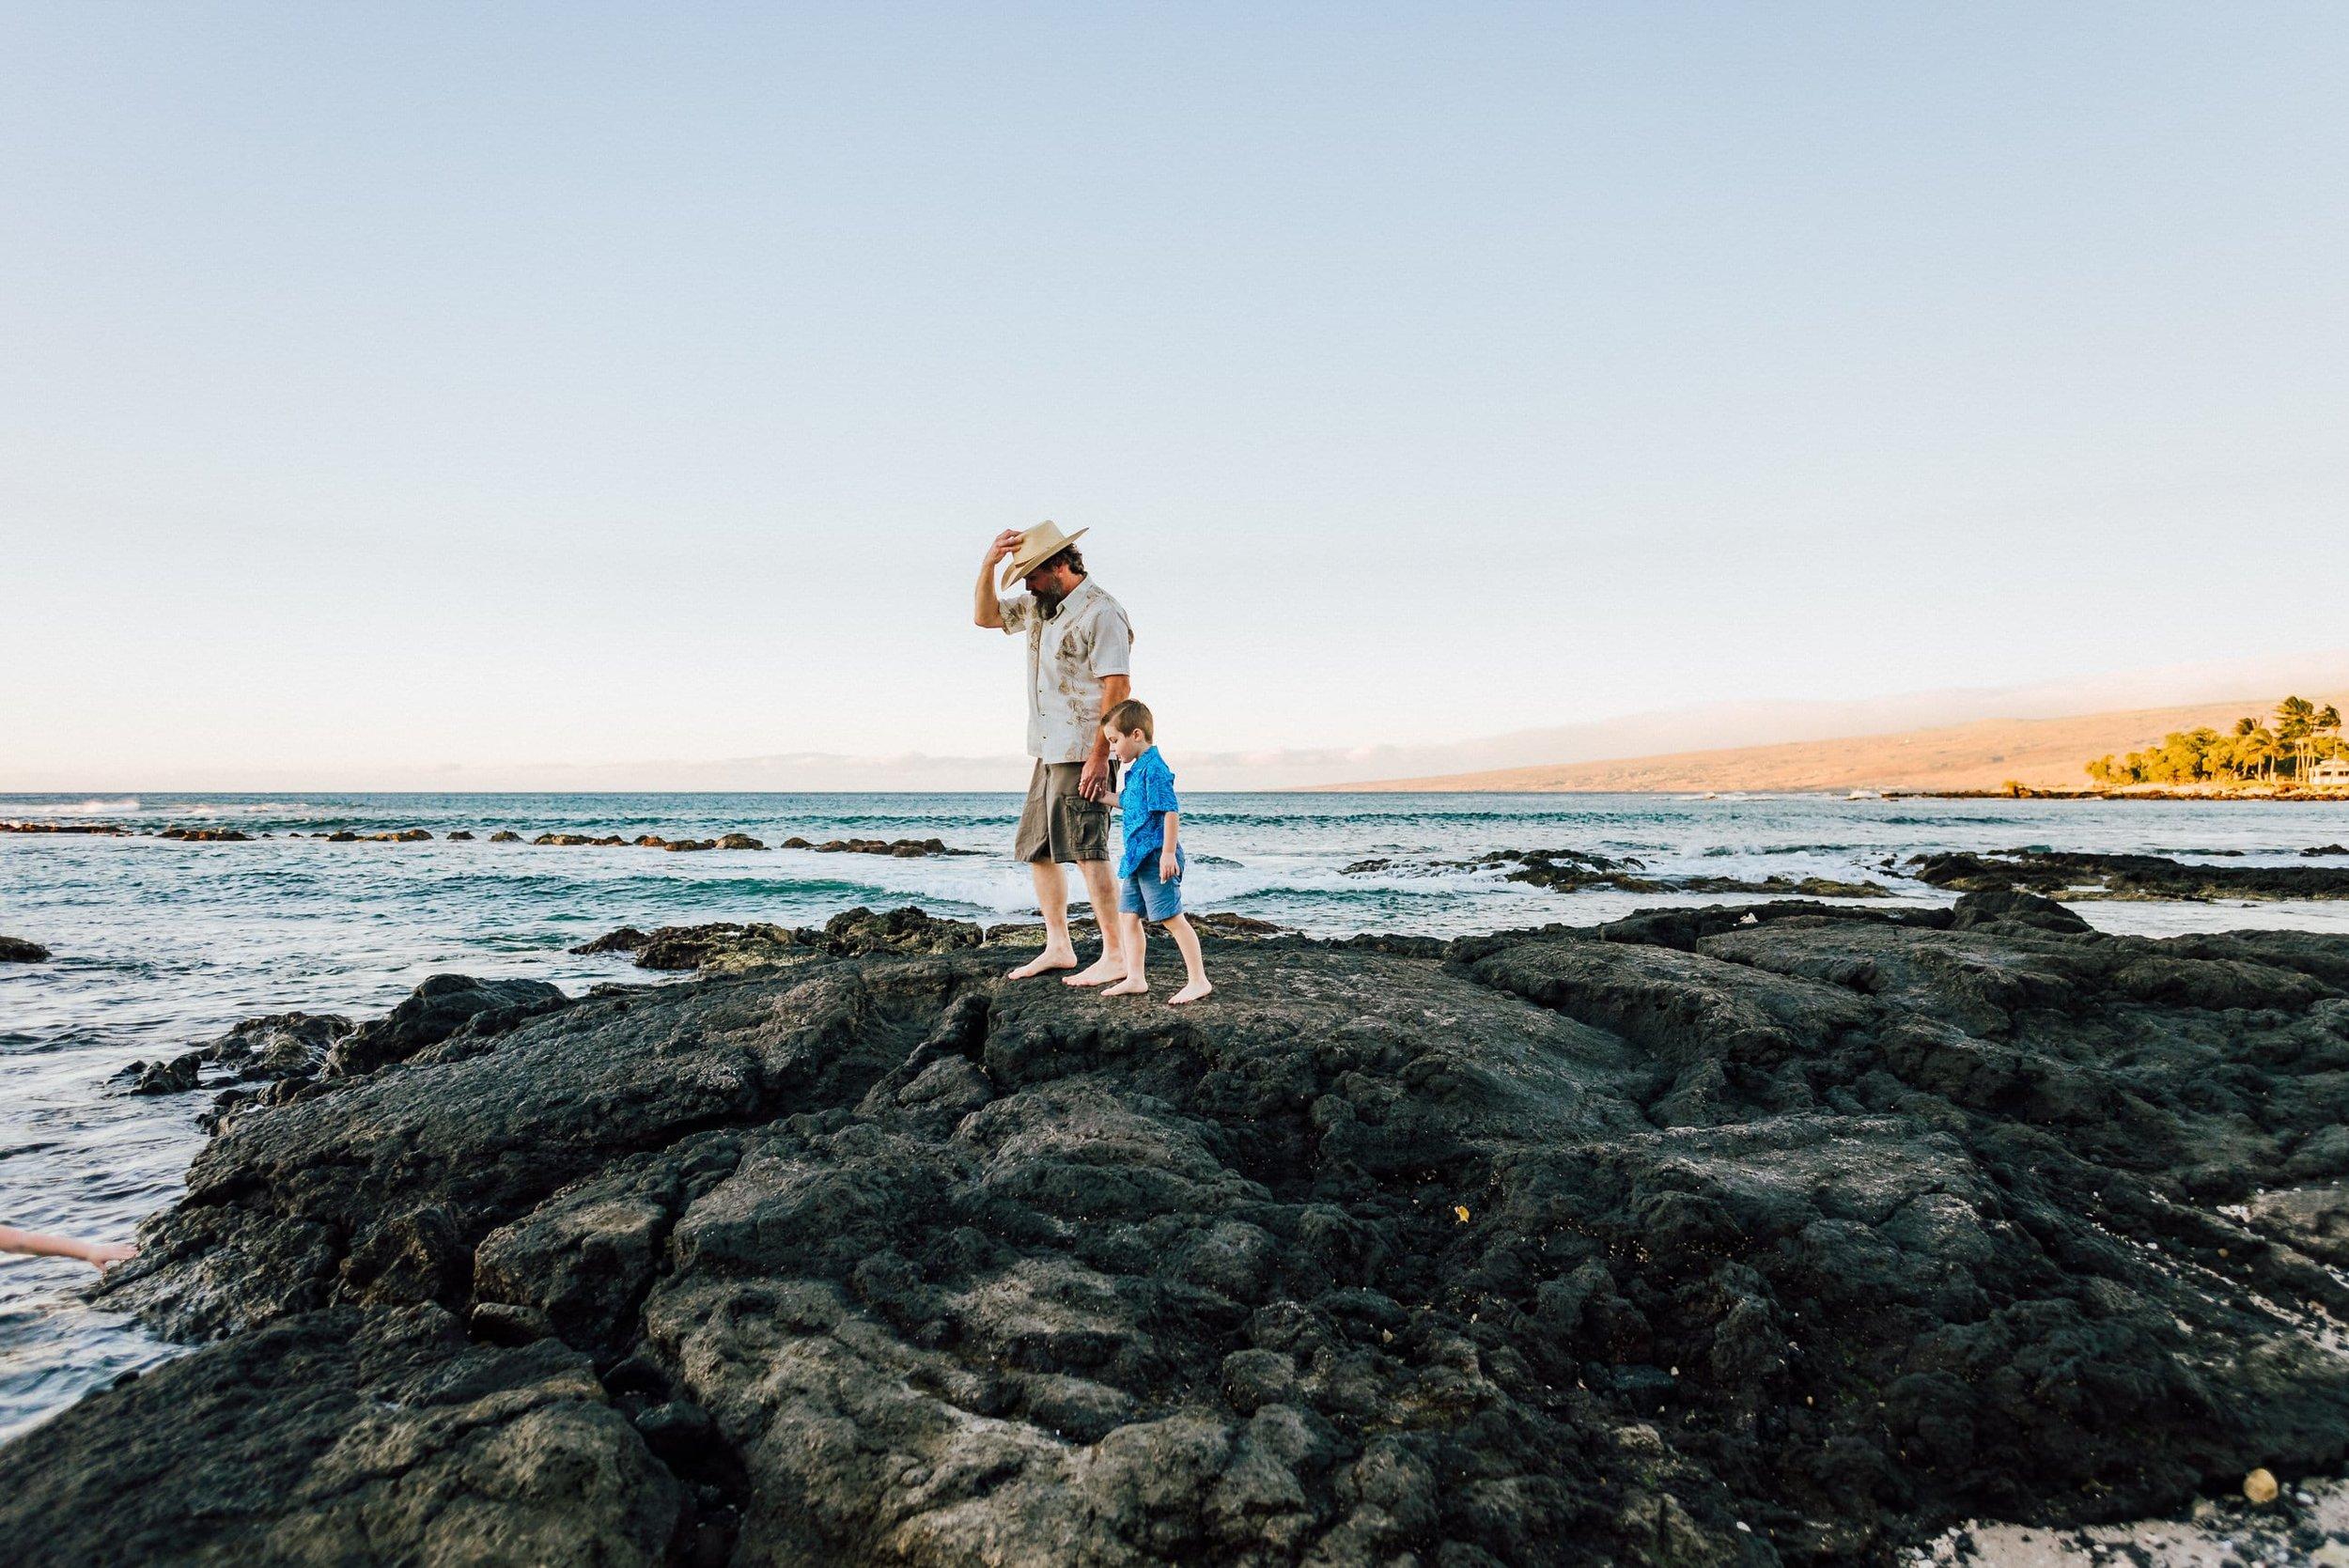 Hawaii-Family-Photographer-21.jpg